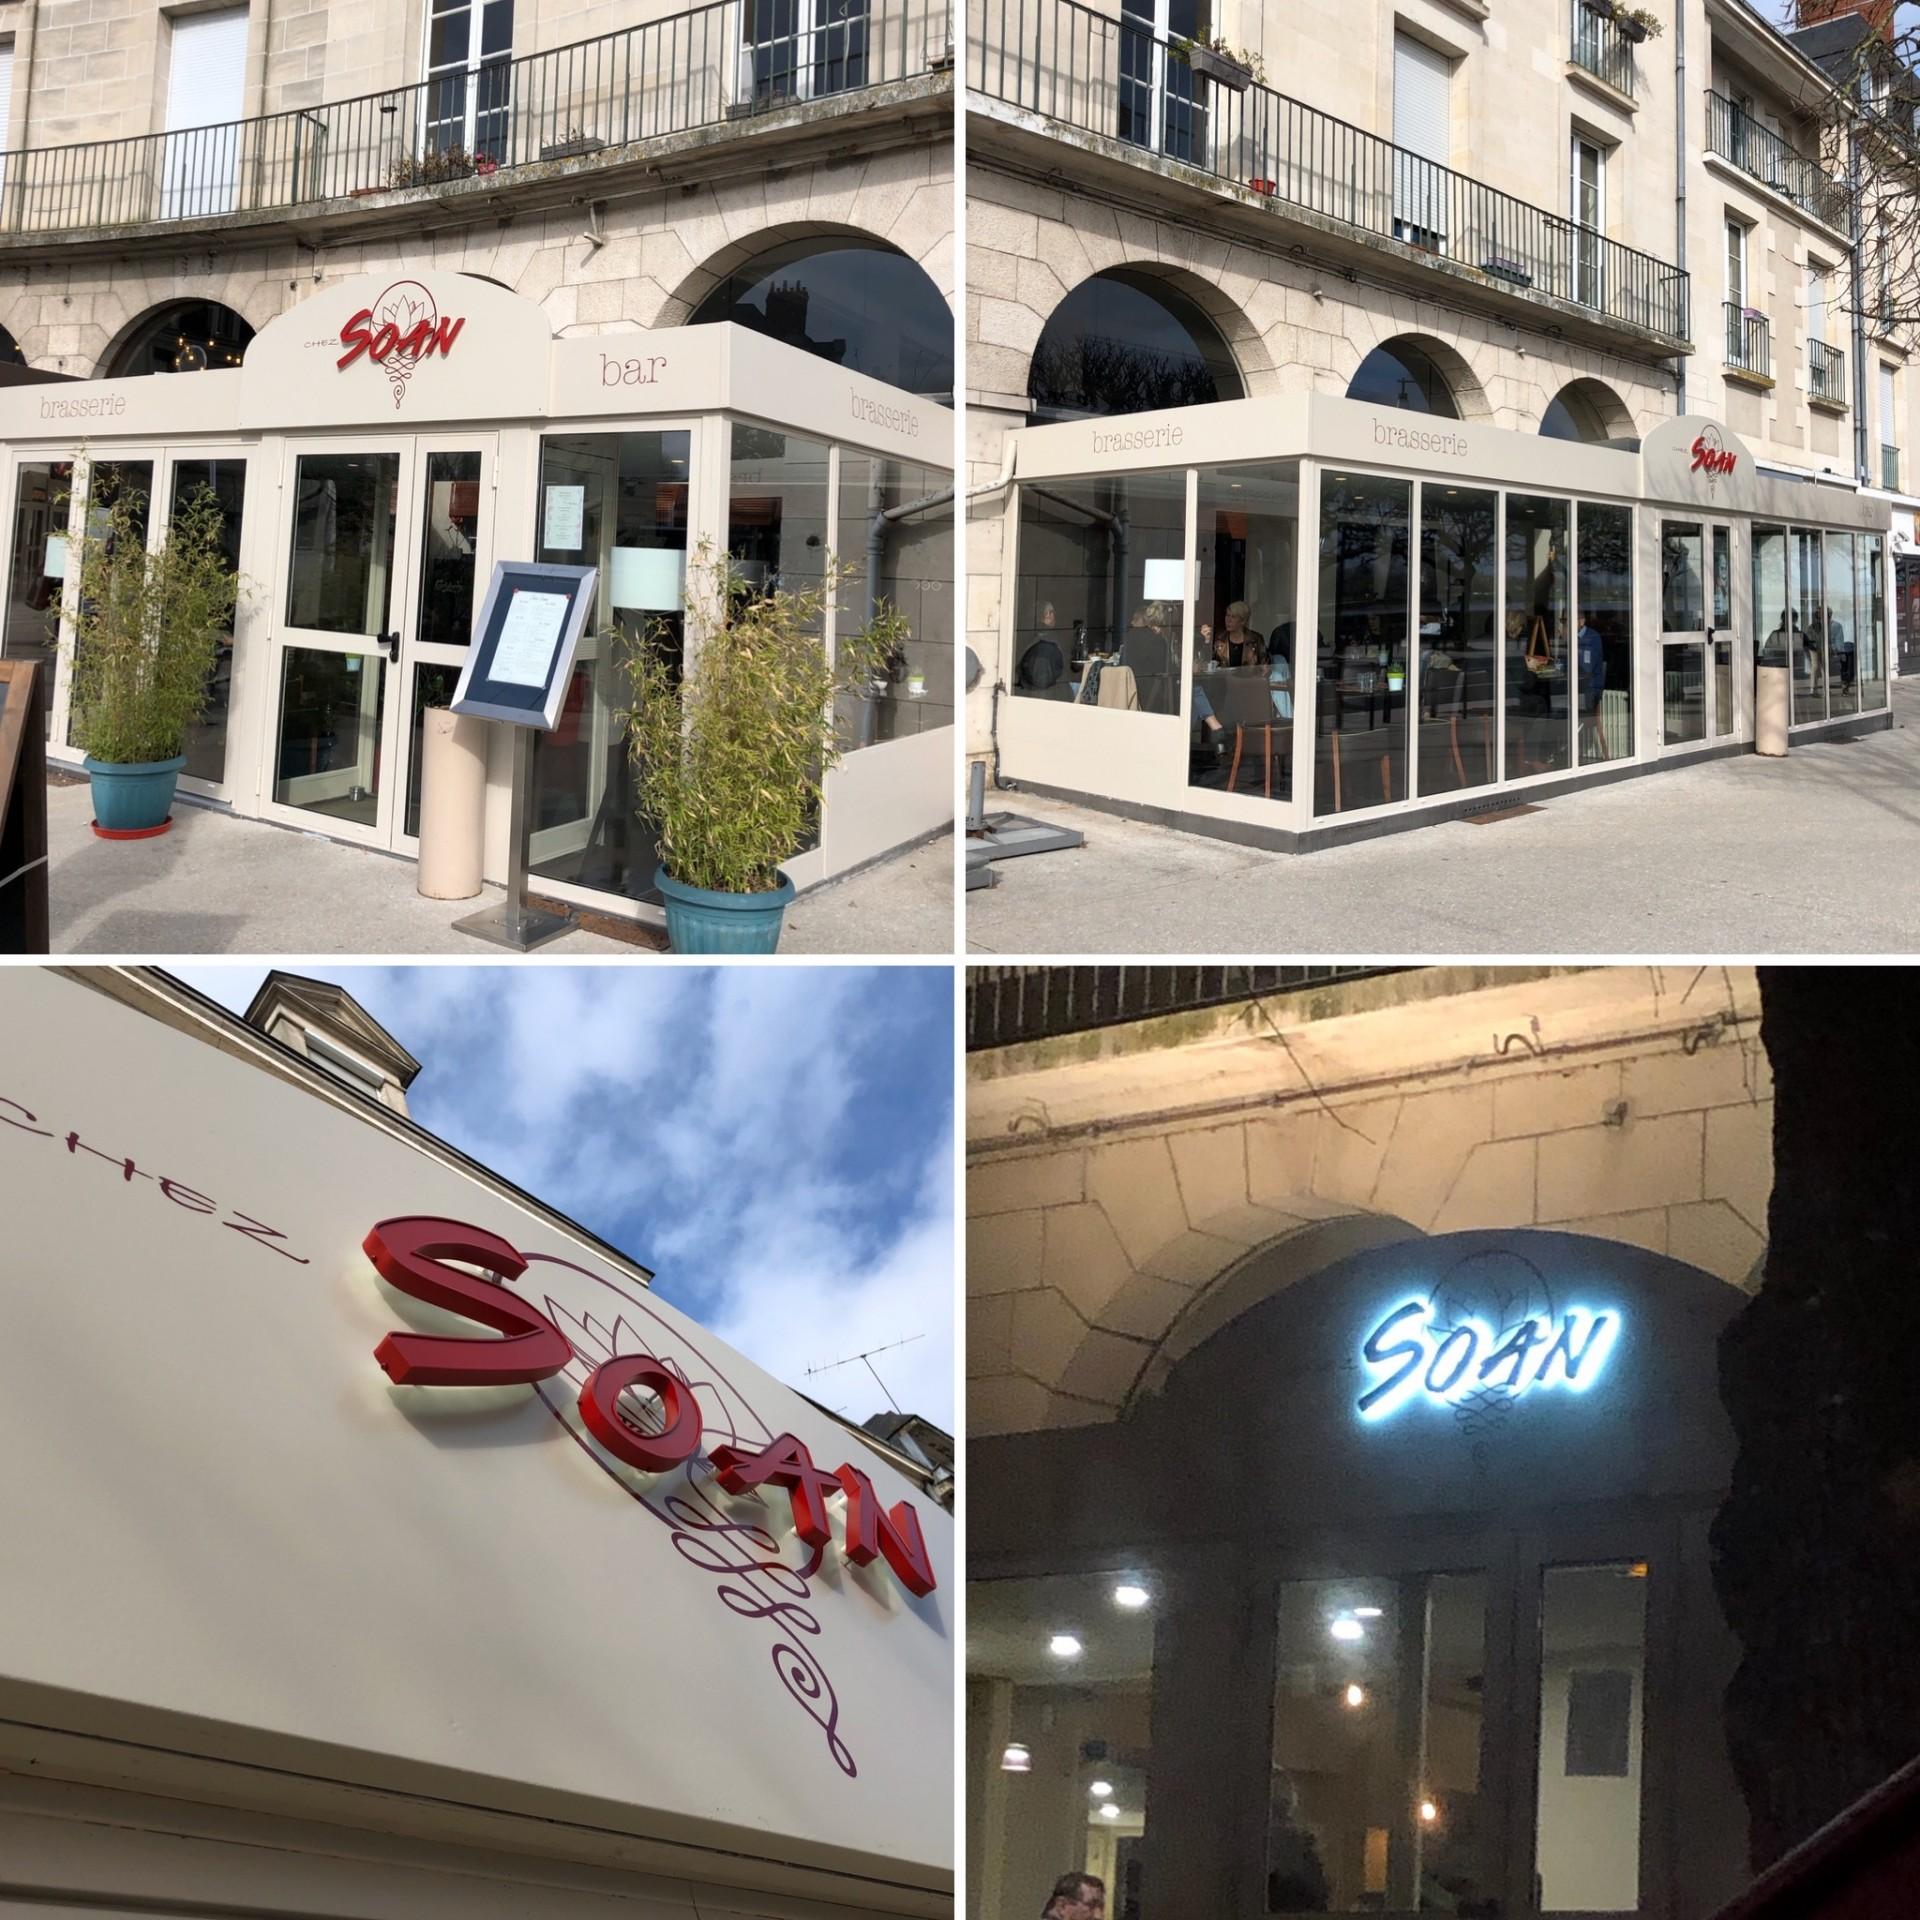 Soan Blois